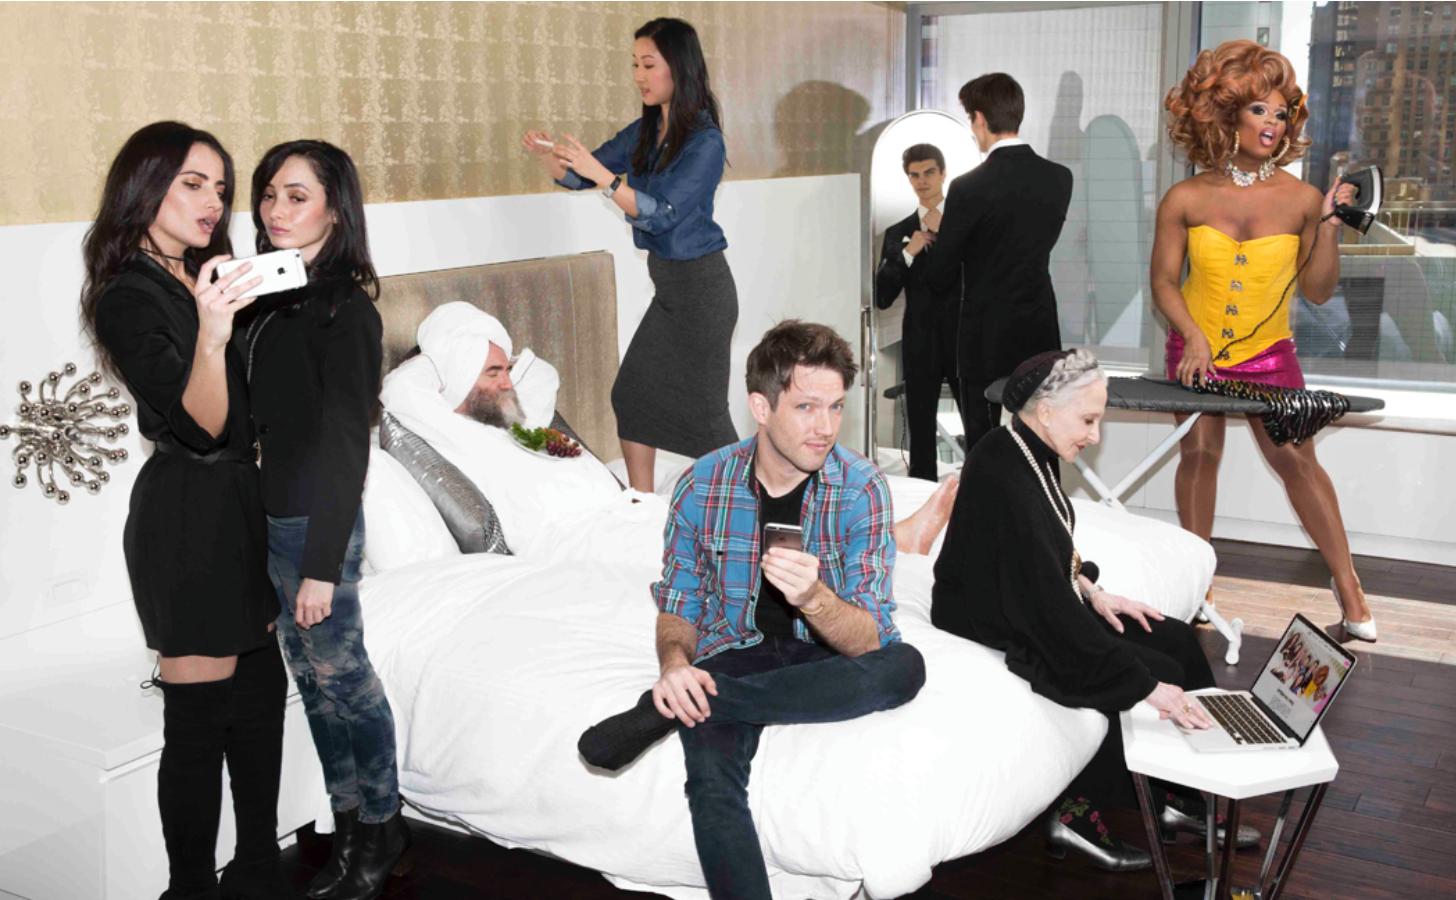 #wPool ¿Compartirías una habitación de lujo con un desconocido?